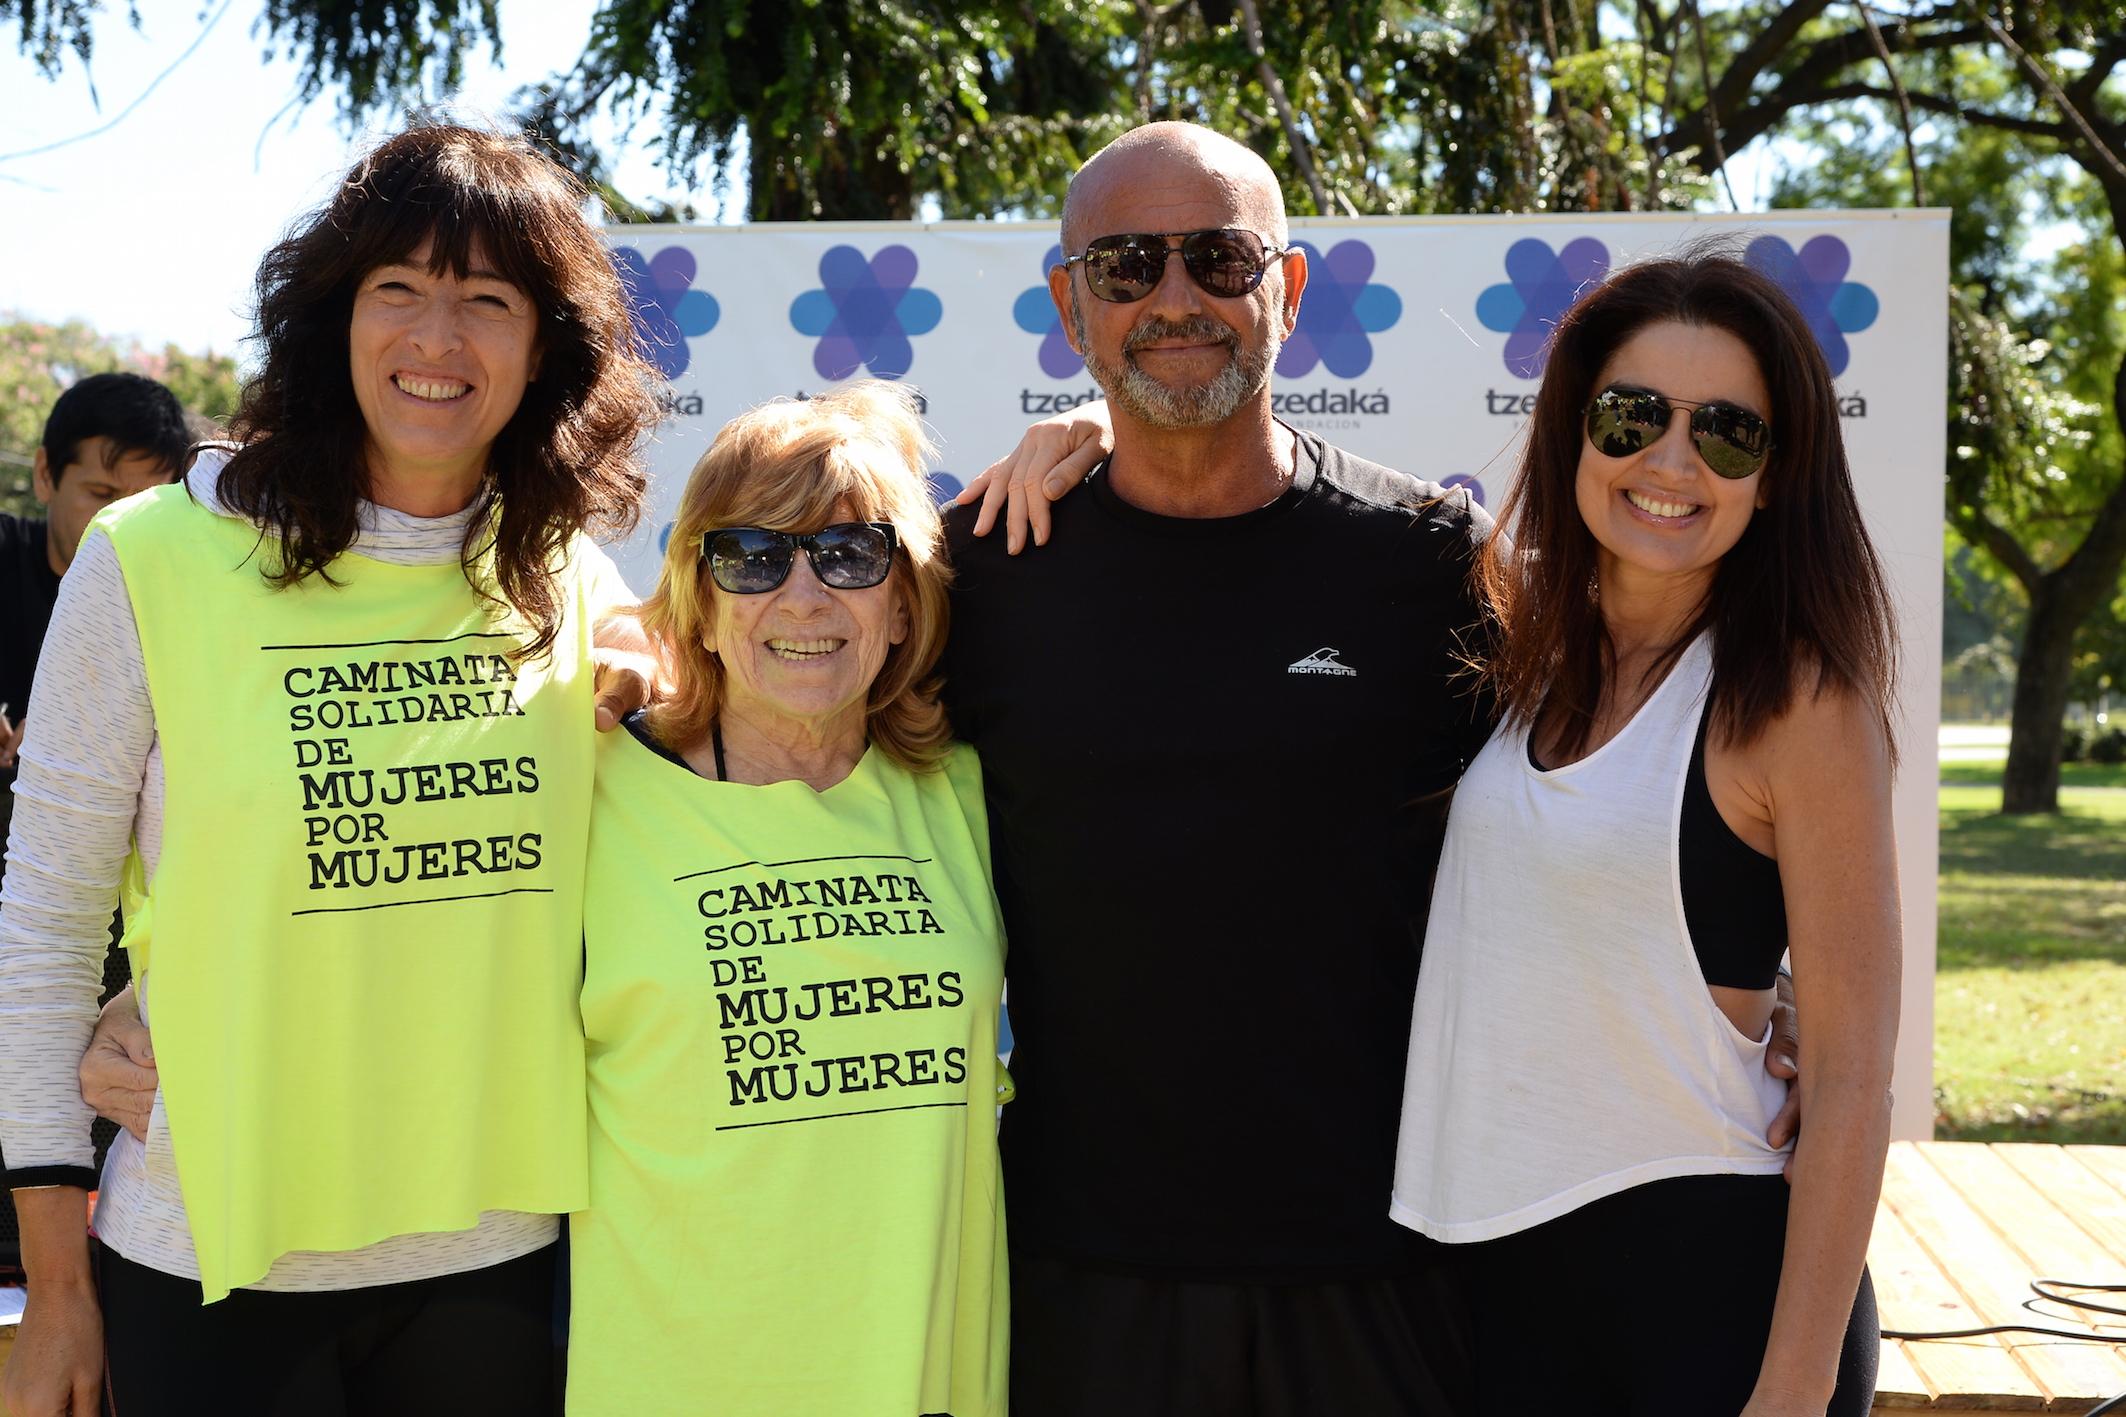 Patricia Kahane de Fundación Tzedaká junto a Fanny, Daniel Tangona y Vero Varano